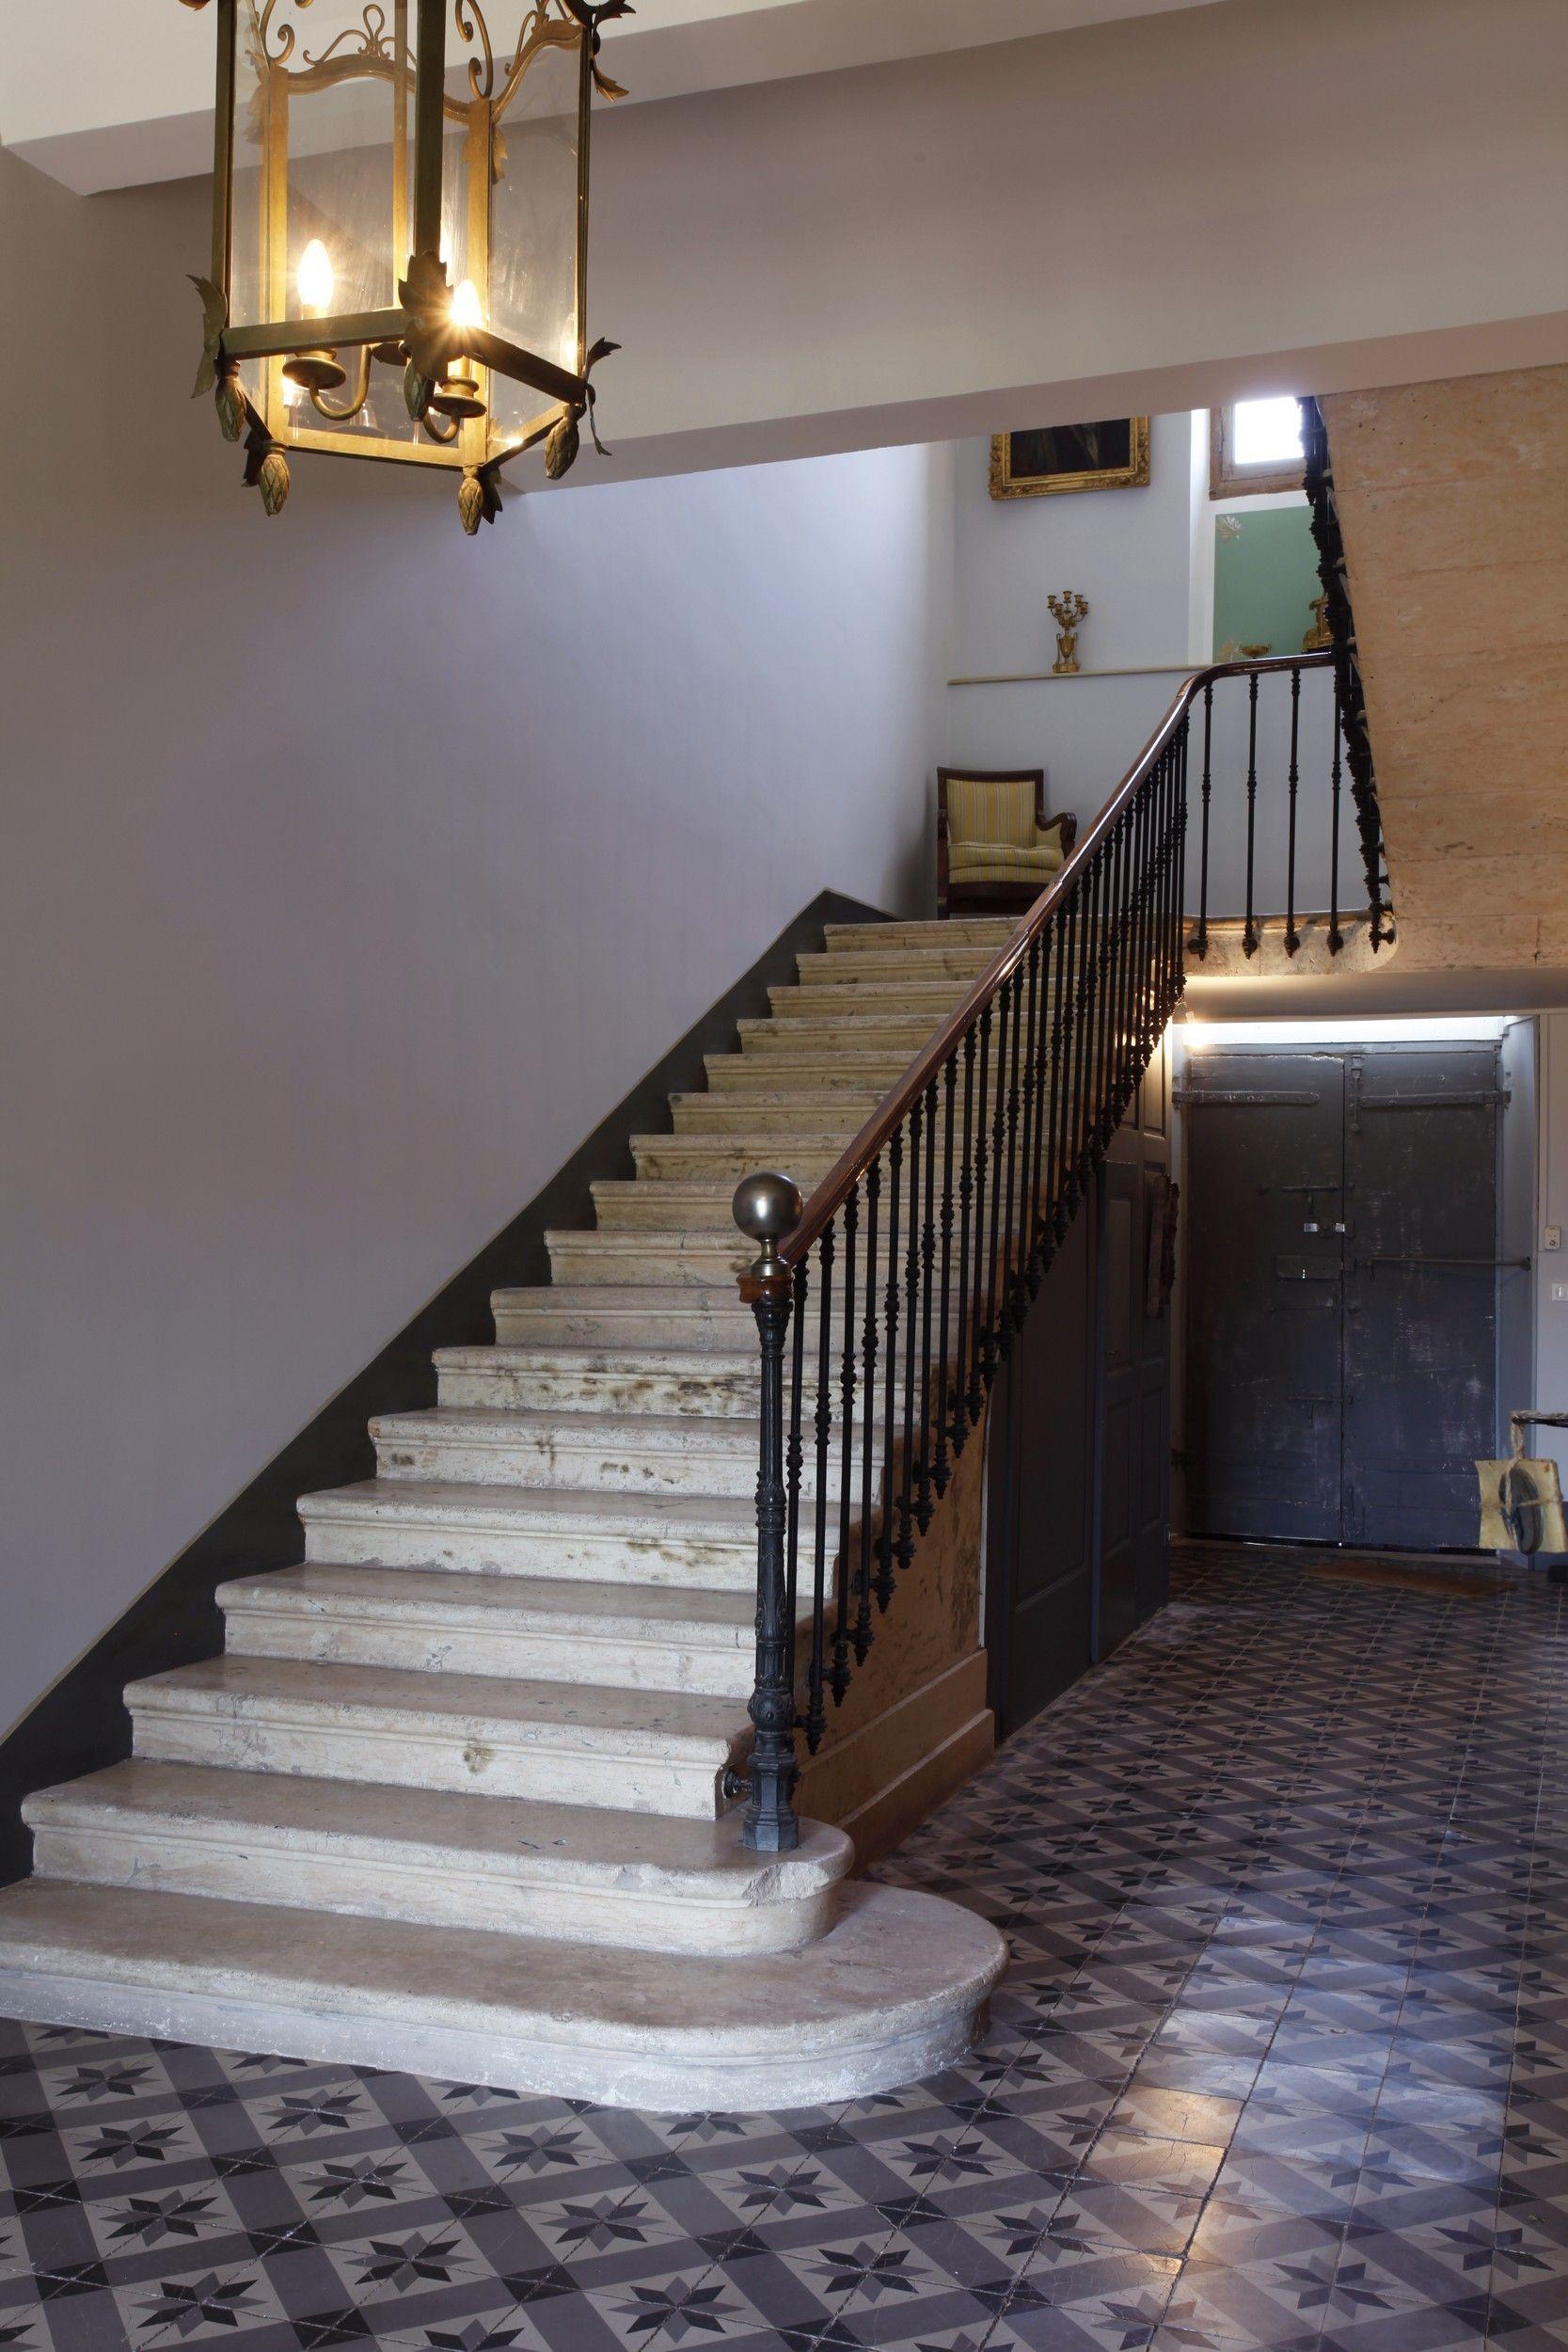 escalier marbre blanc xix me d coration int rieure en 2019 pinterest house styles home. Black Bedroom Furniture Sets. Home Design Ideas